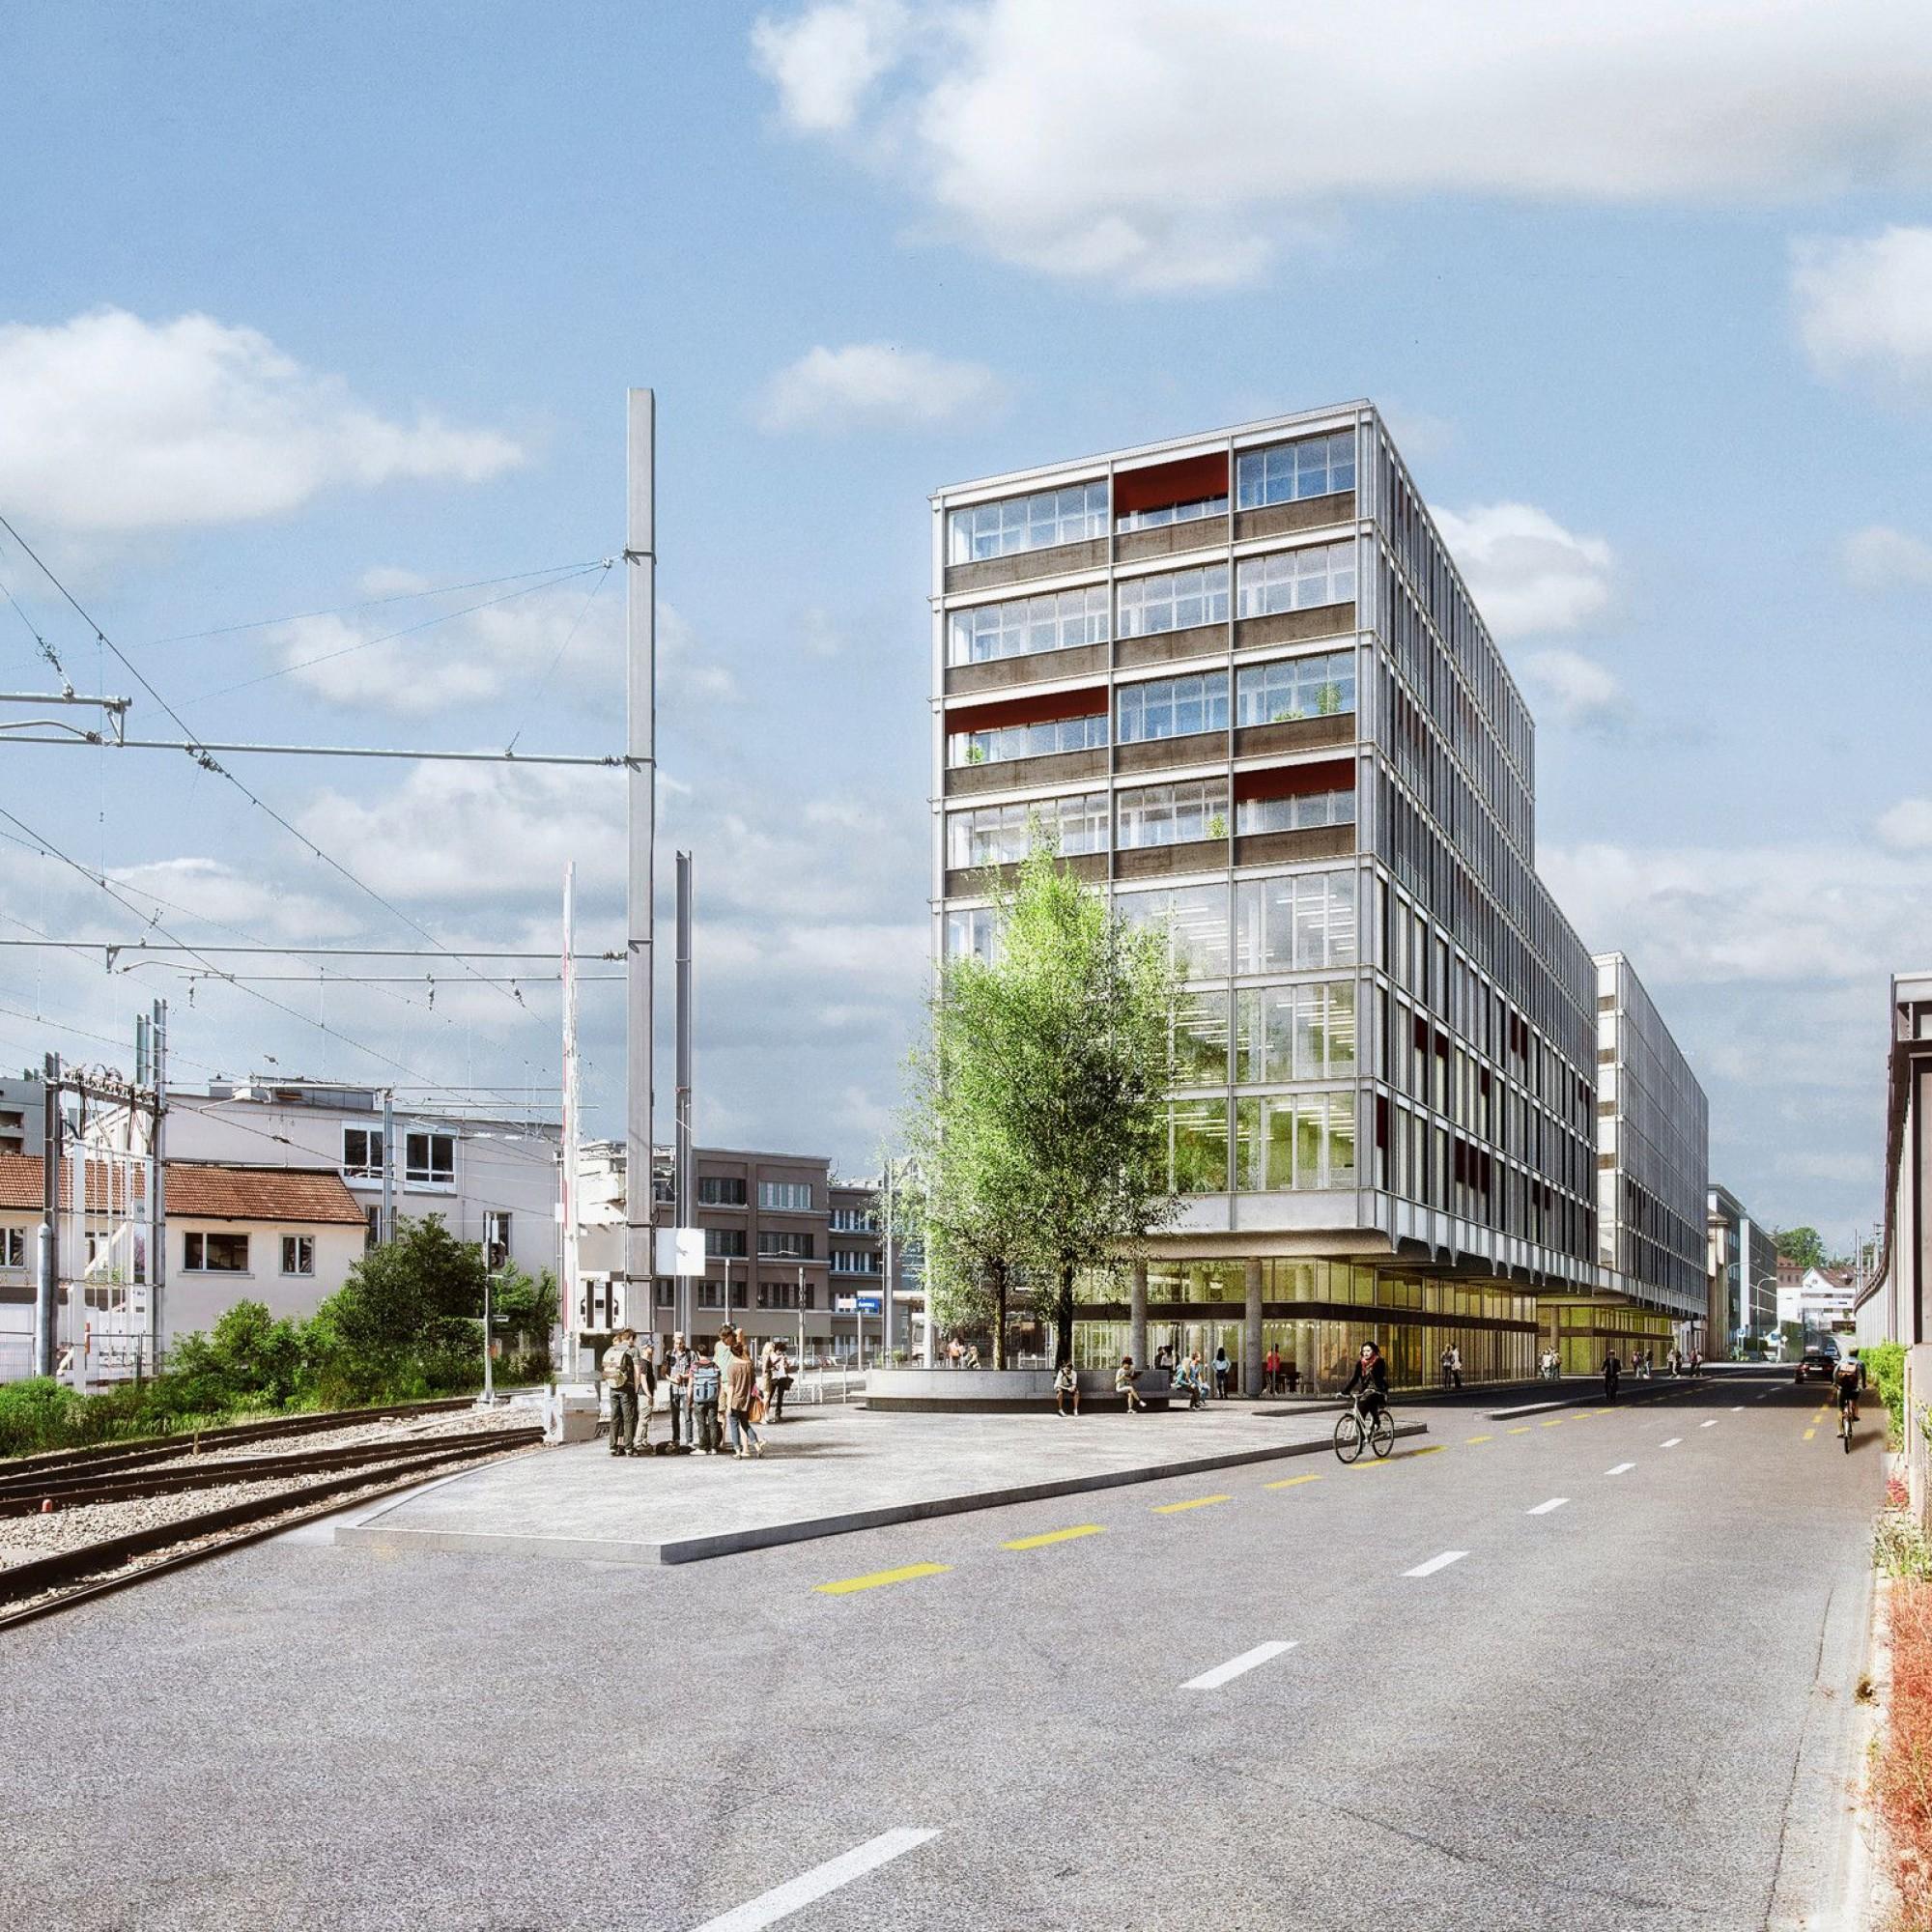 Visualisierung Überbauung des alten WSB-Bahnhofs in Aarau